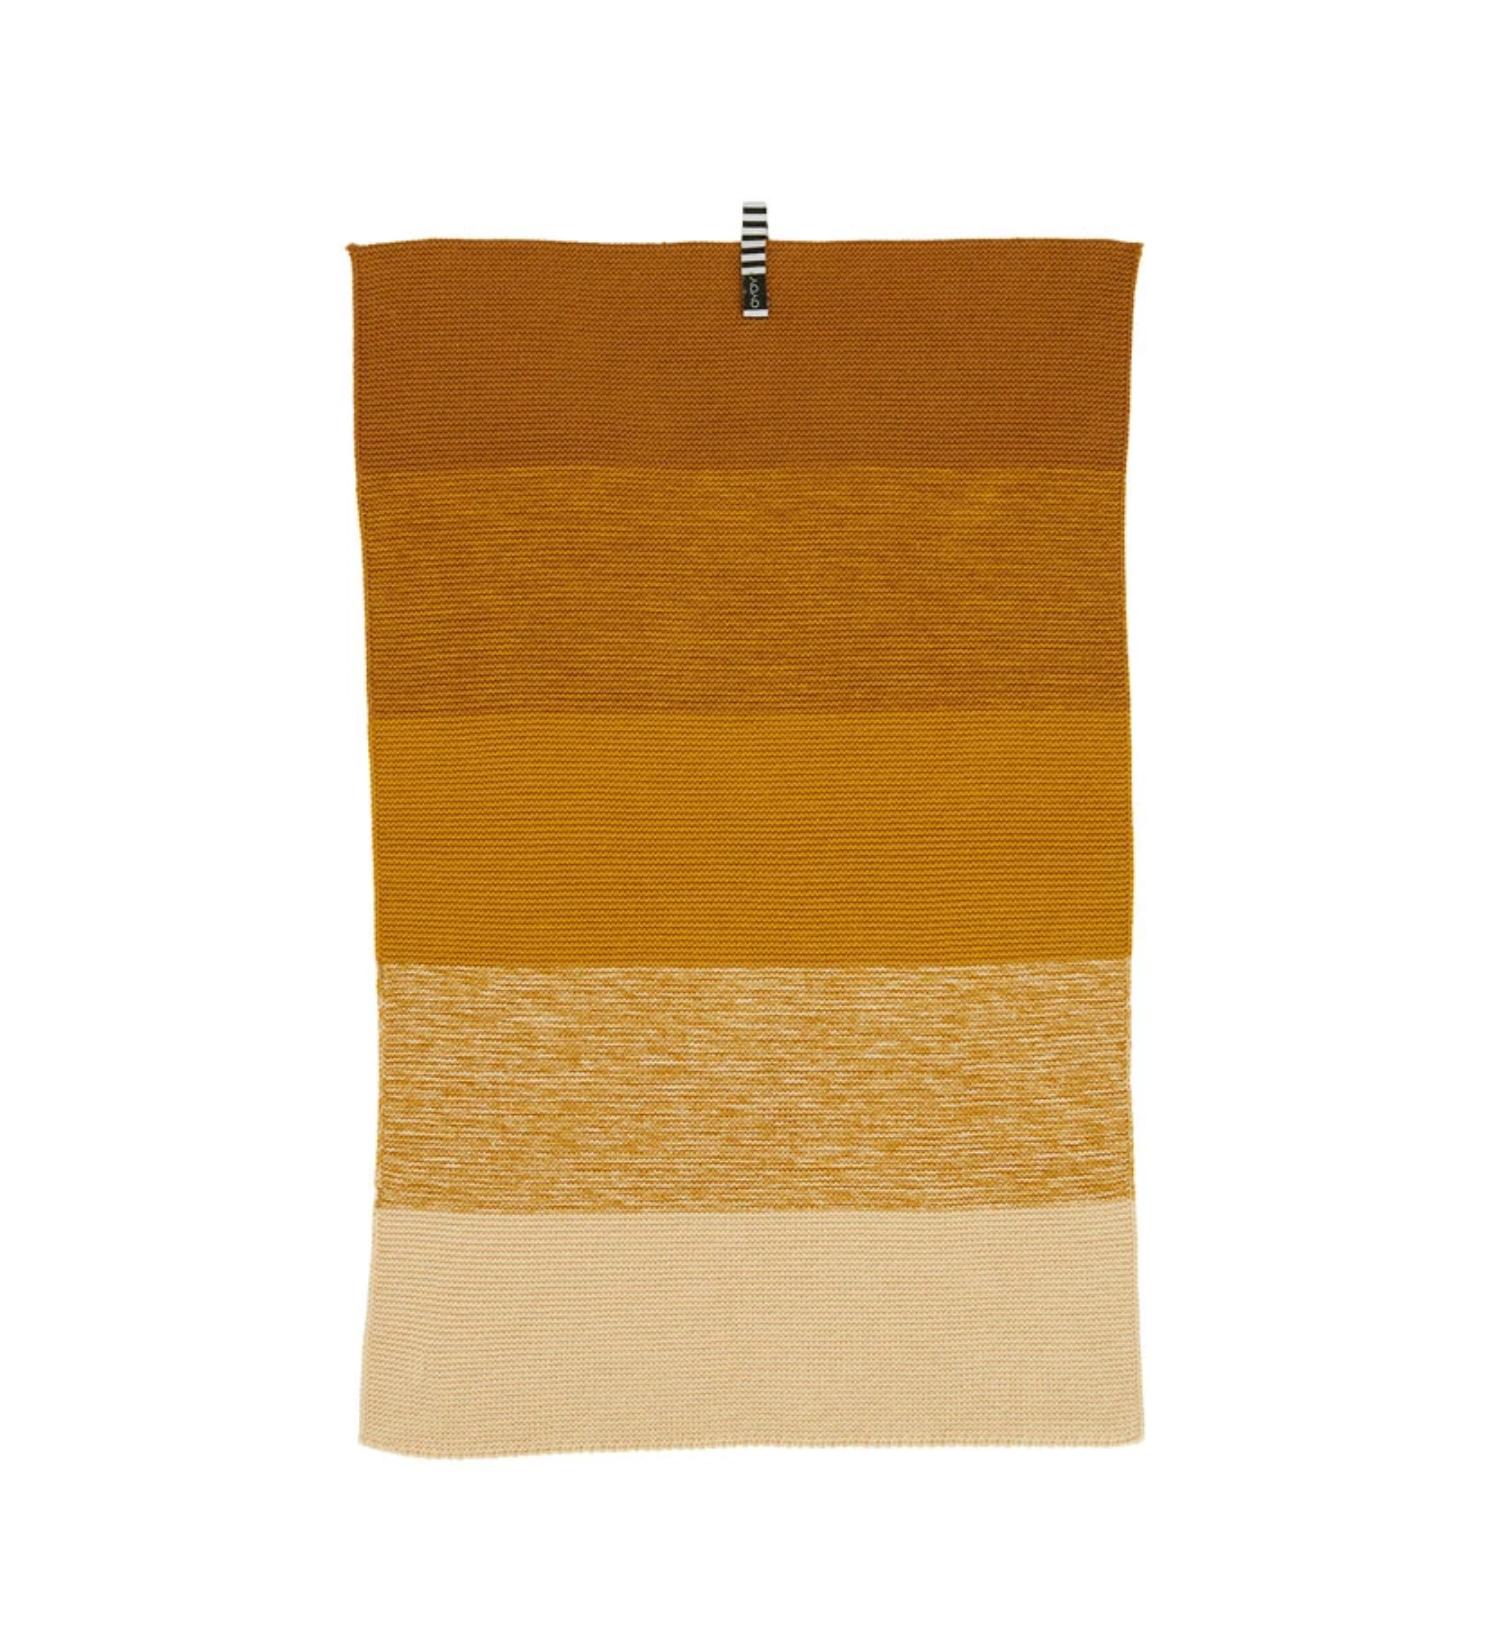 Mini Handdoek Oker - OYOY-1